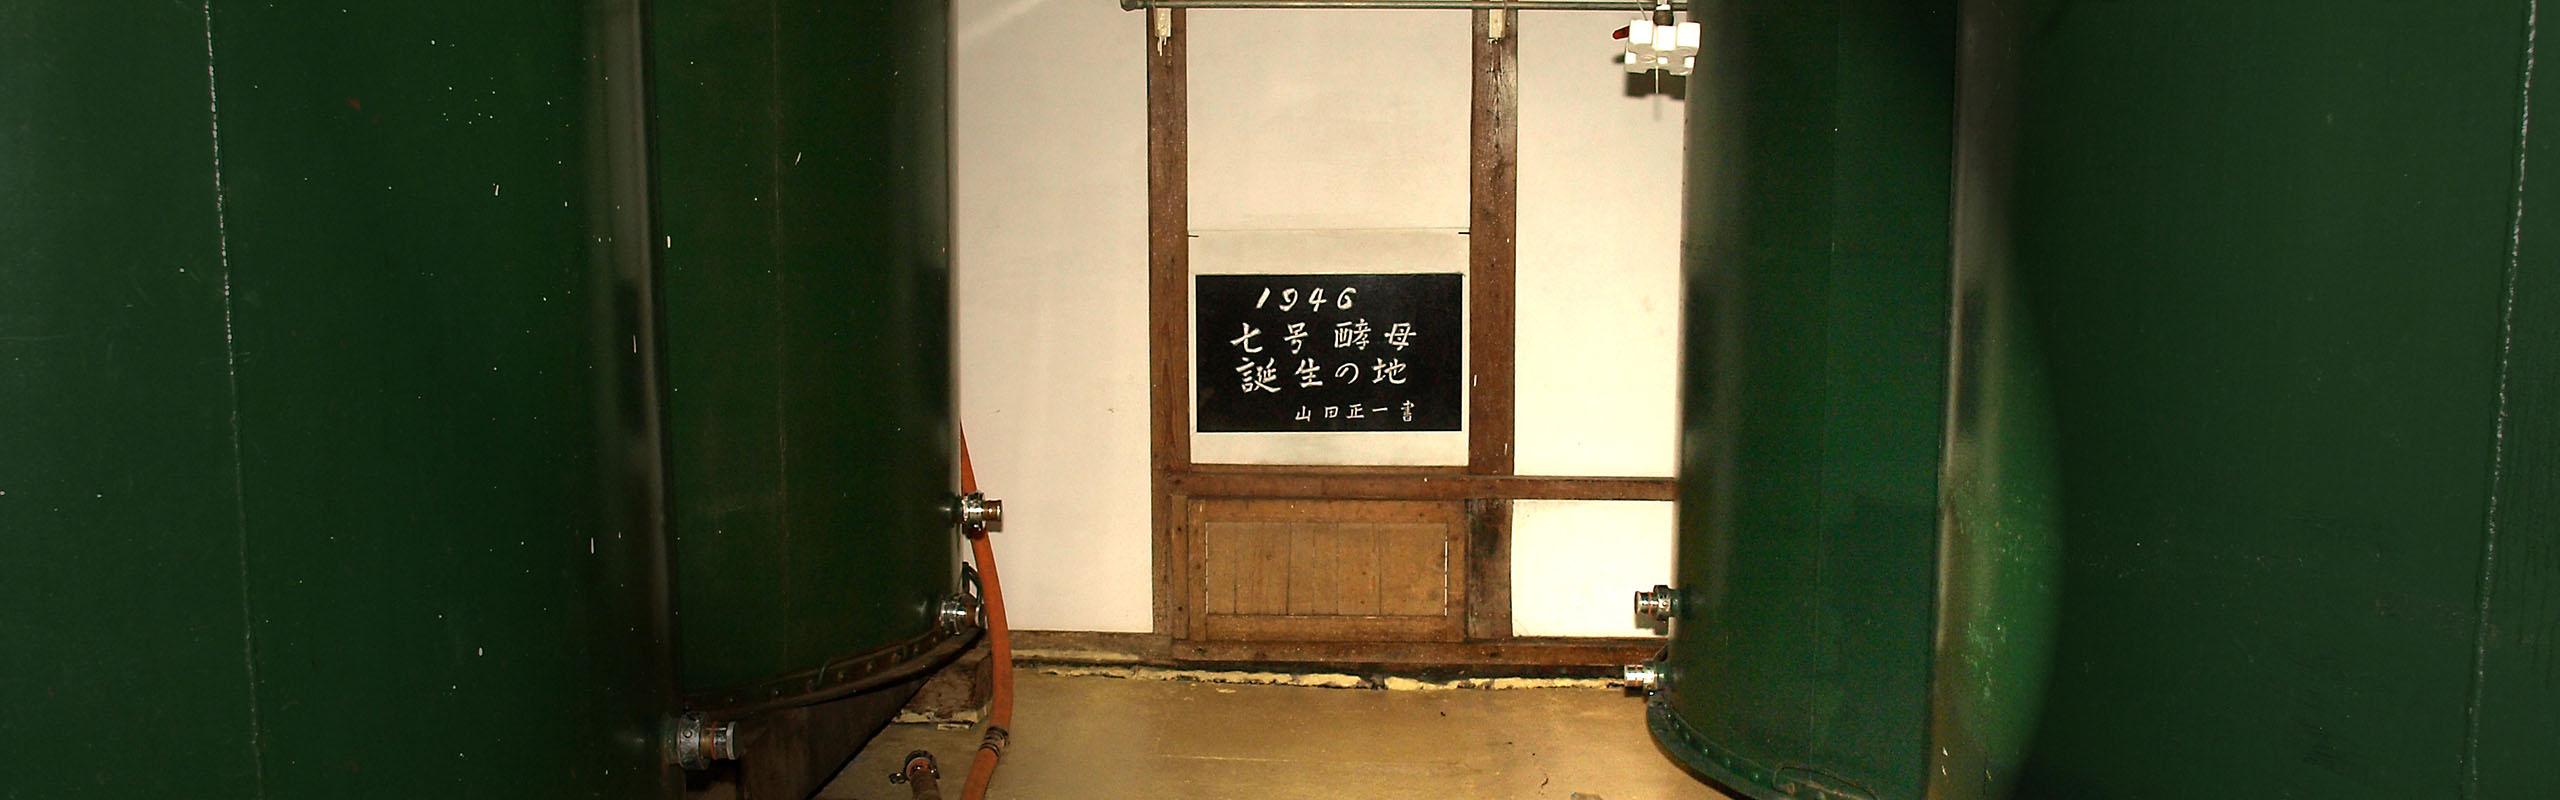 七號酵母誕生の地 記念プレート